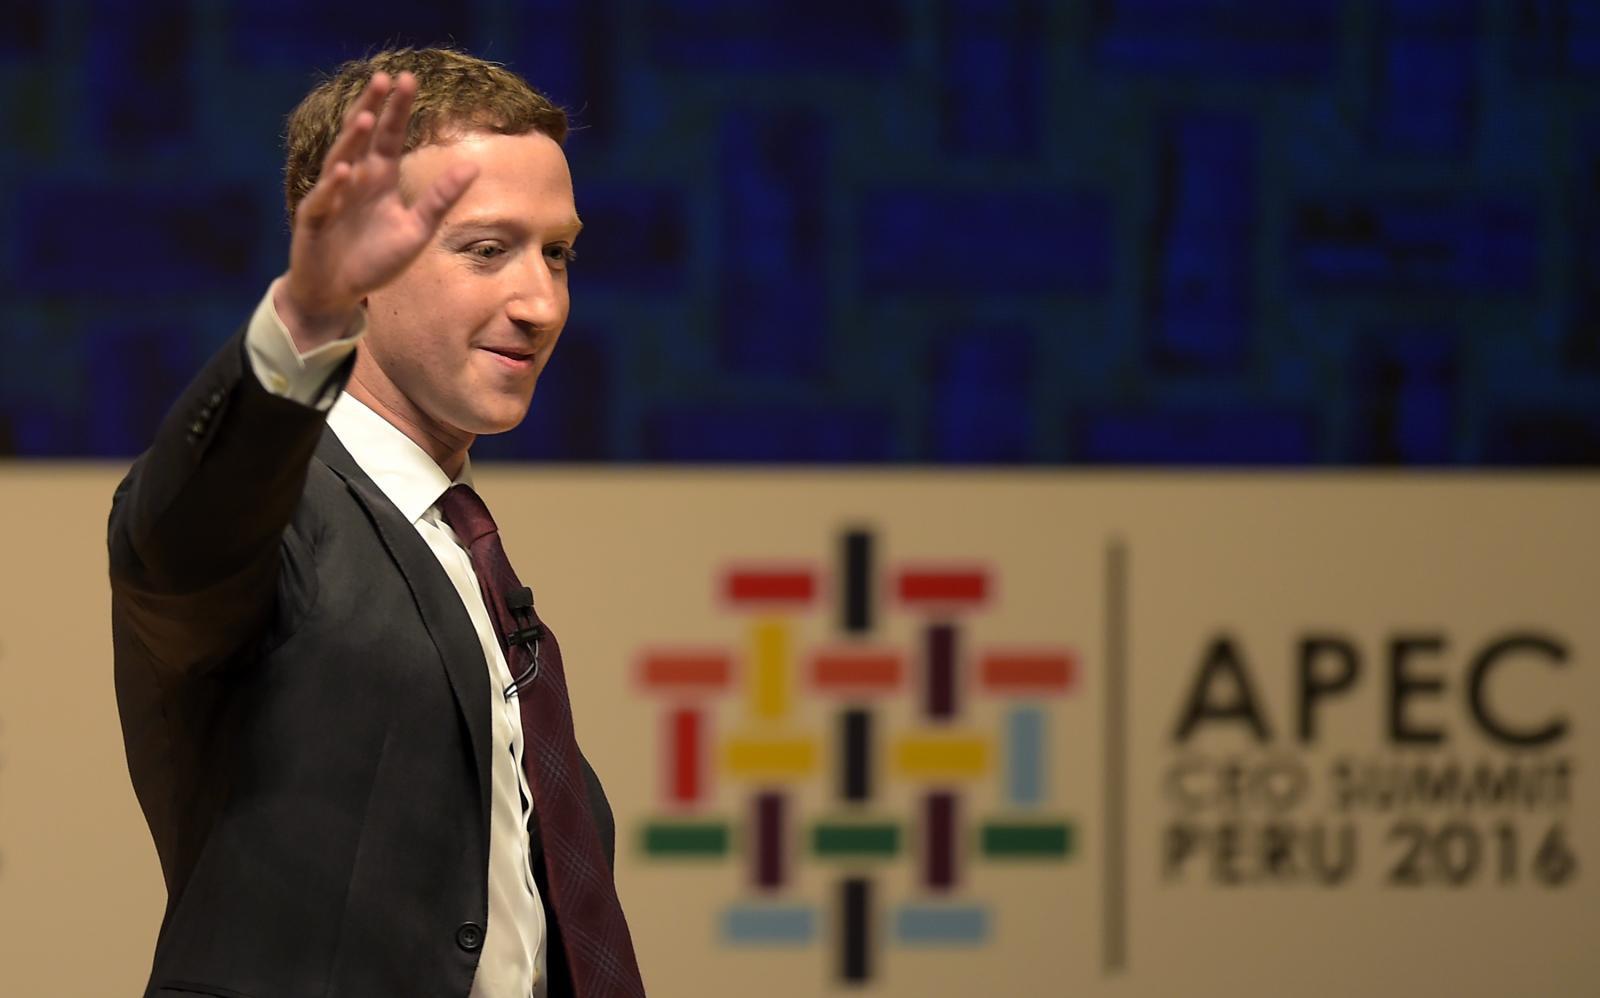 """เฟซบุ๊กยัน """"ซักเคอร์เบิร์ก"""" ไม่มีแผนมาไทย"""